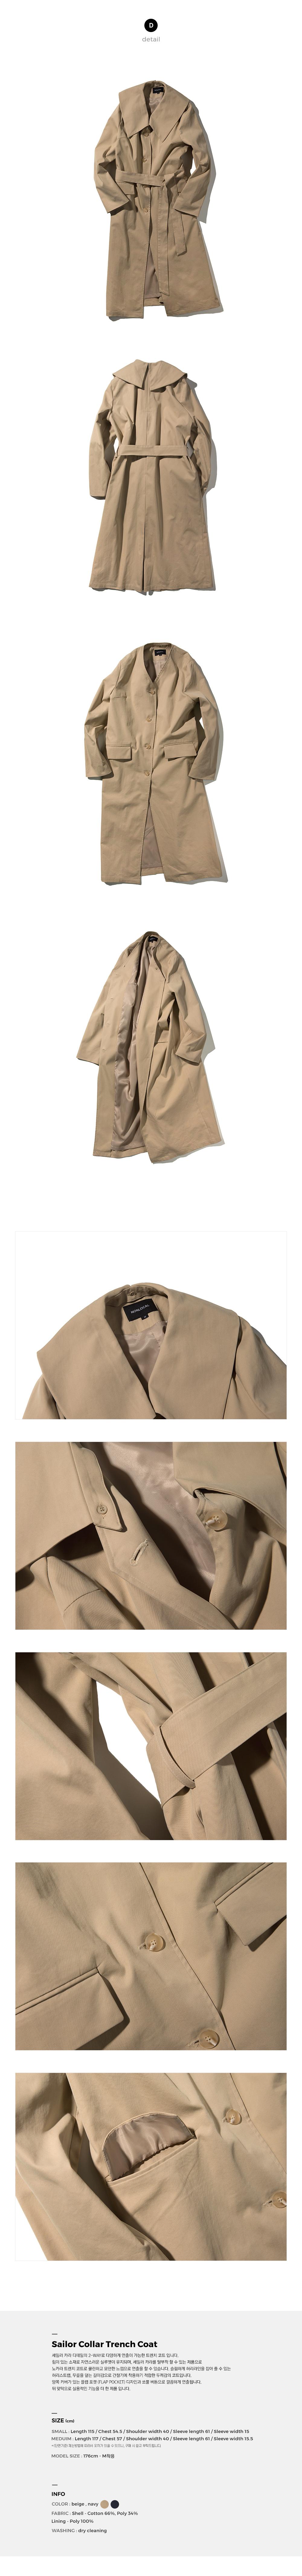 논로컬(NONLOCAL) Sailor Collar Trench Coat - Beige